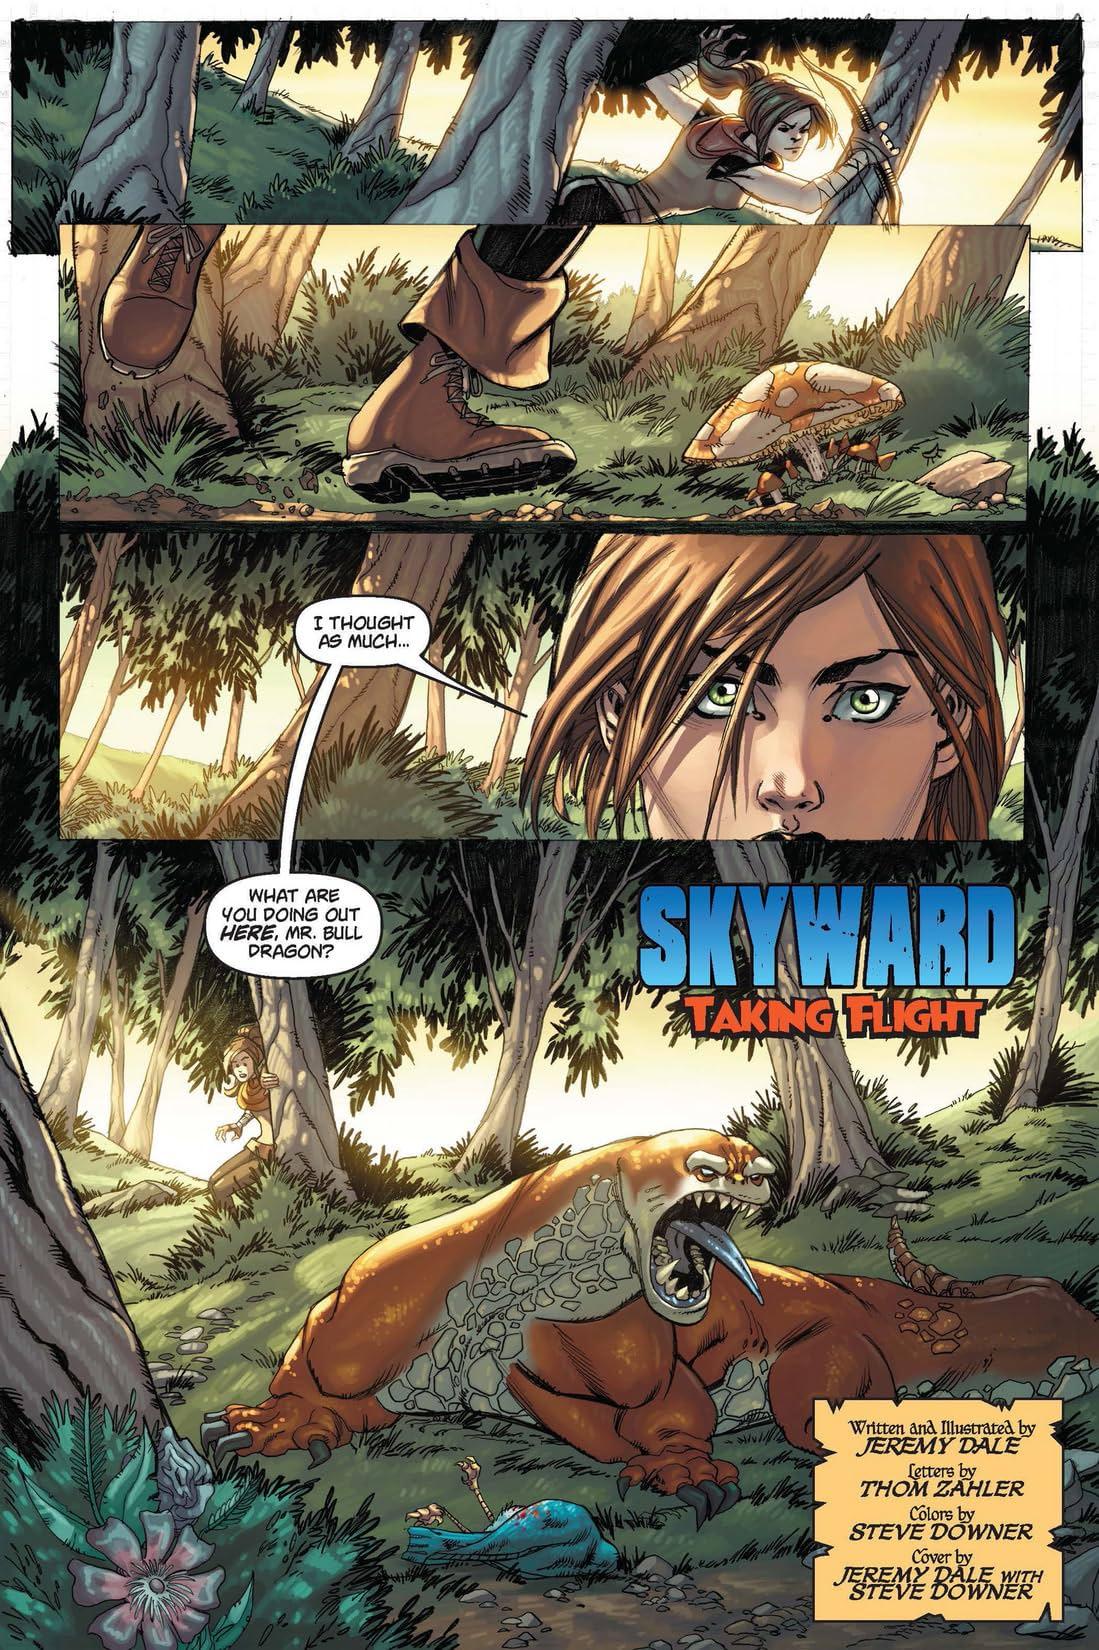 Skyward #2